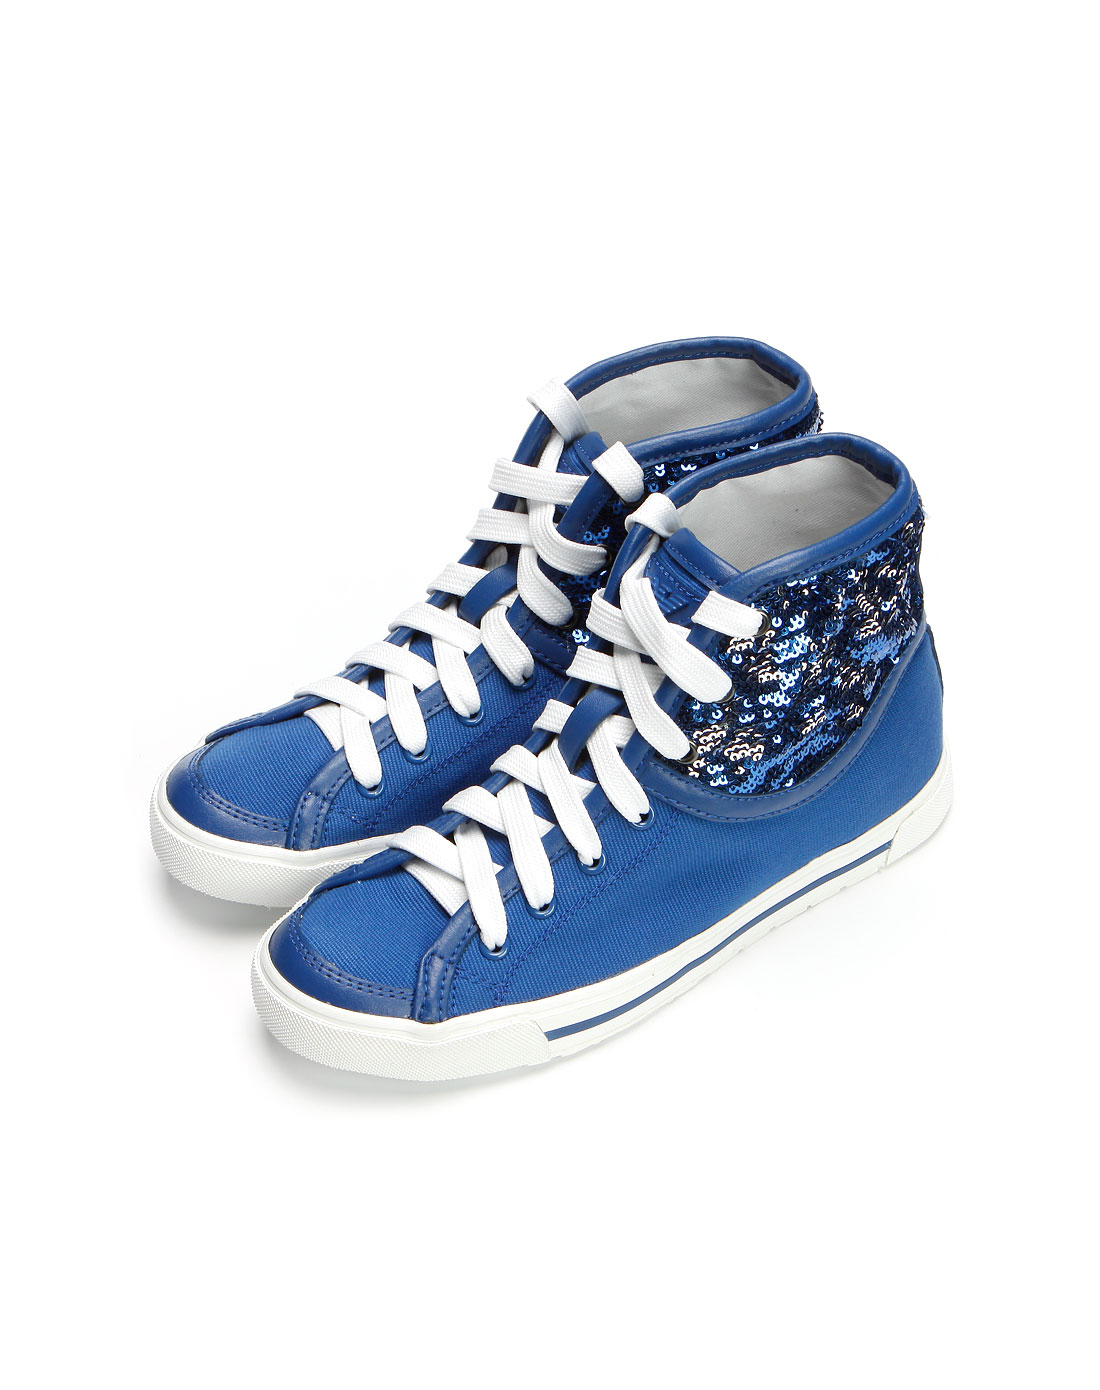 armani鞋子专场aj女款蓝色珠片高帮休闲鞋p5513